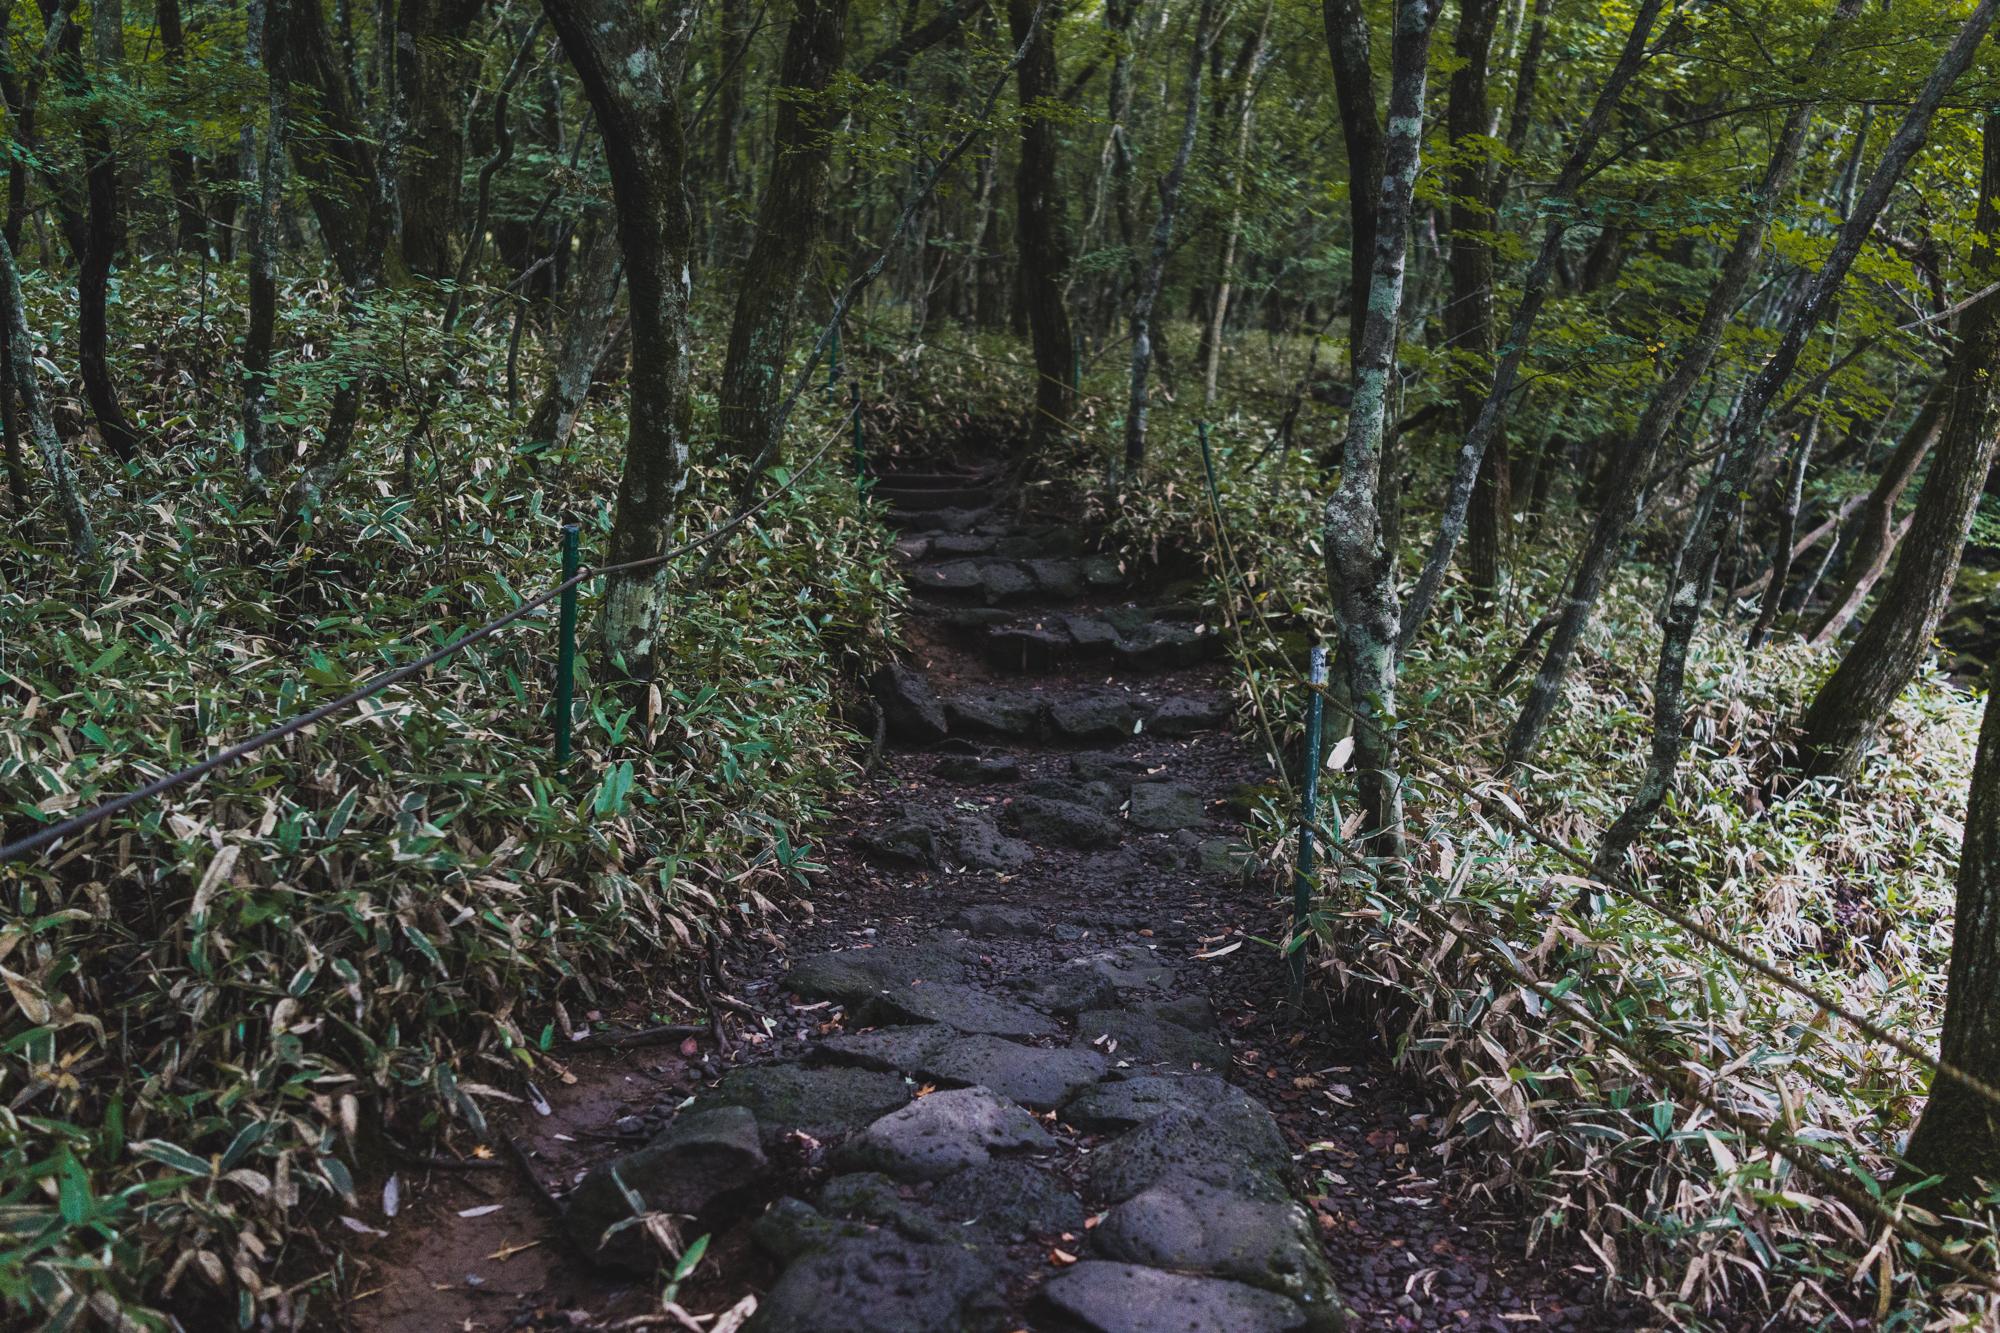 The Gwaneumsa Trail on Mt Hallasan Jeju Island